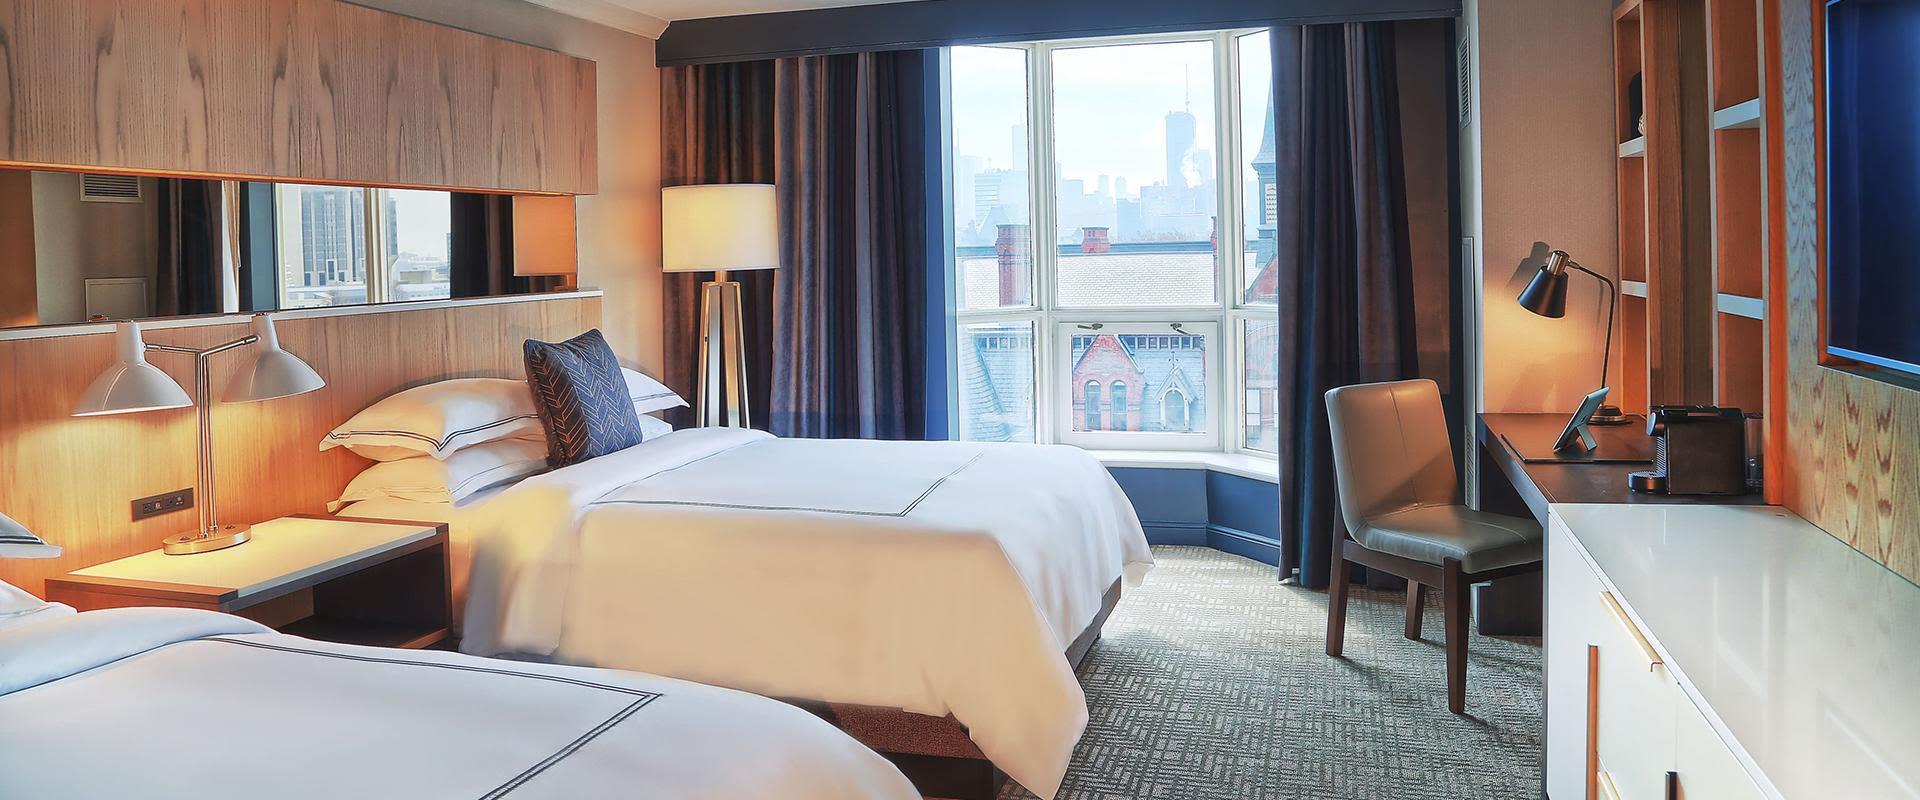 Toronto Double Queen Room with Window